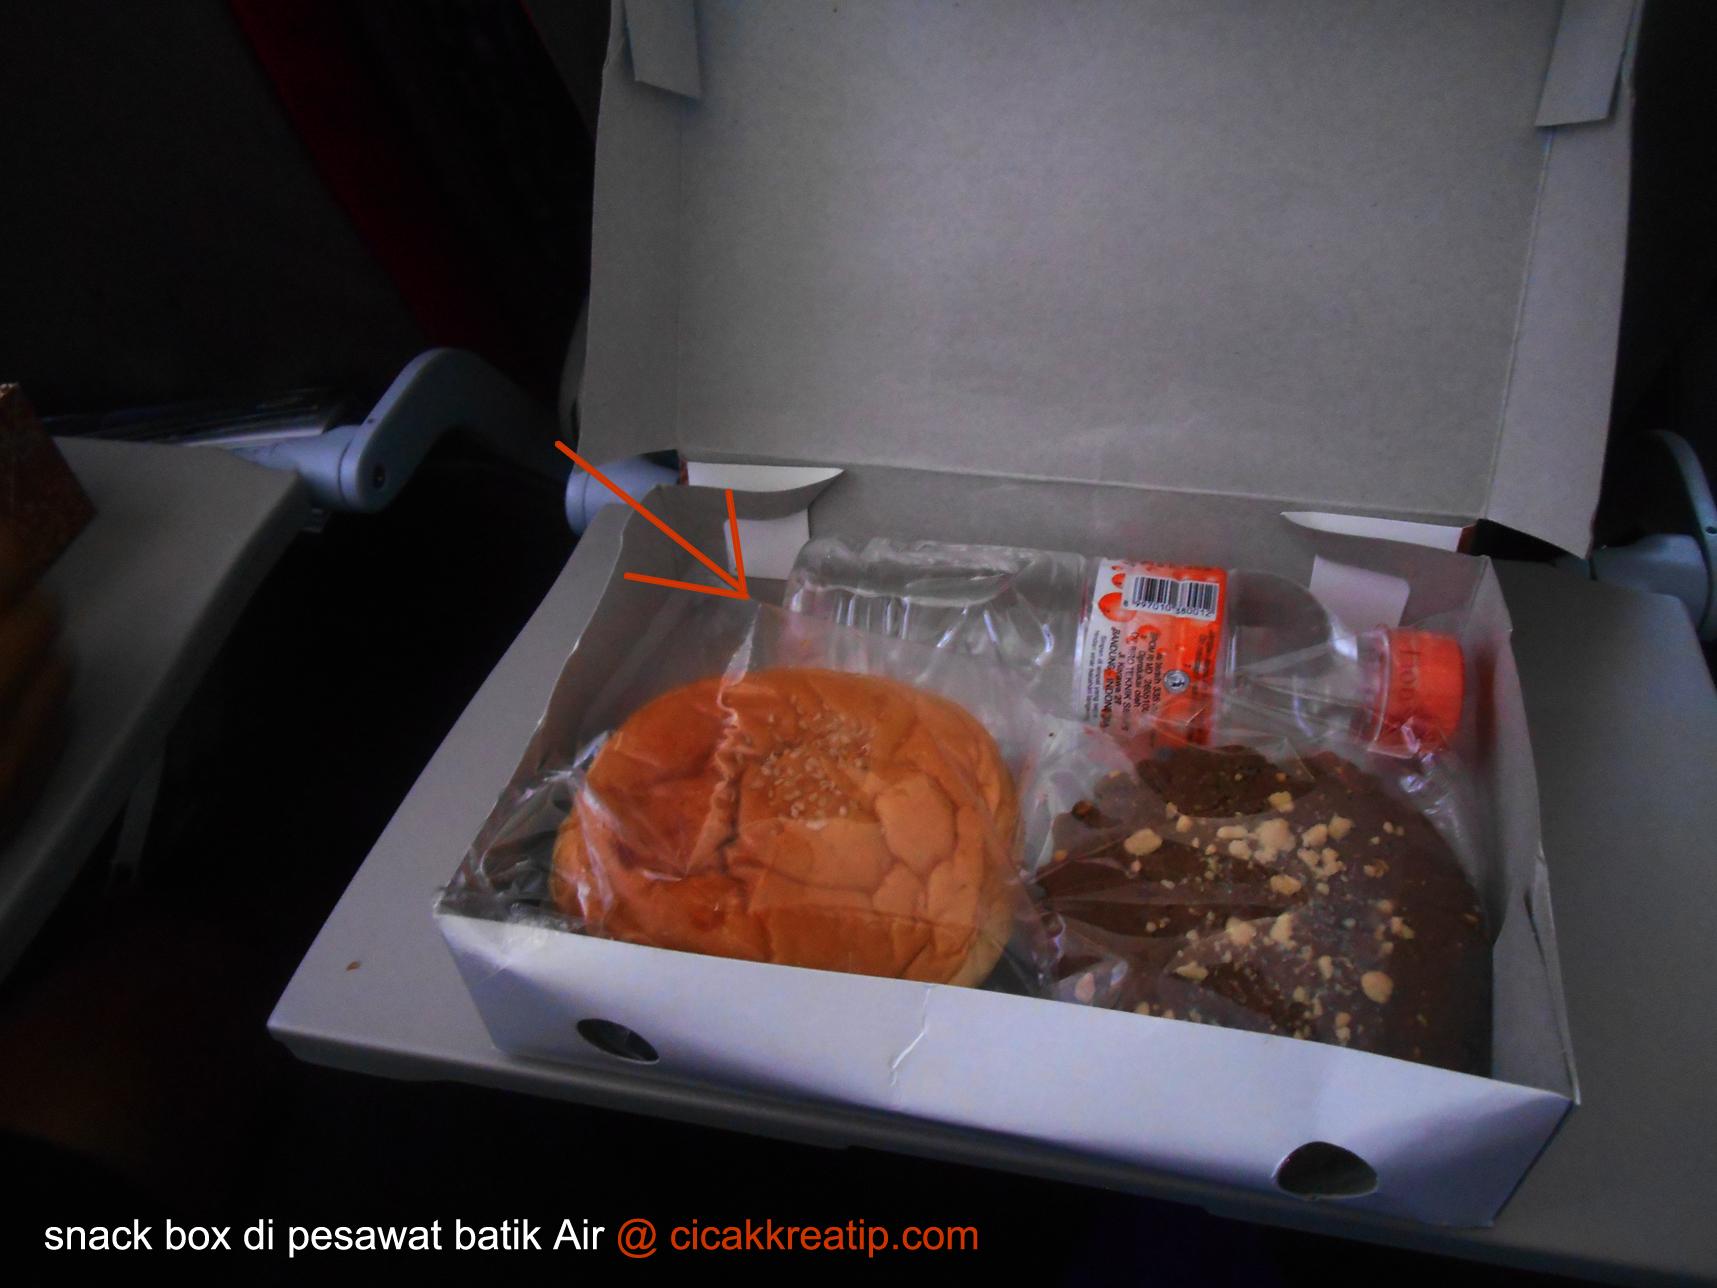 snack box batik air